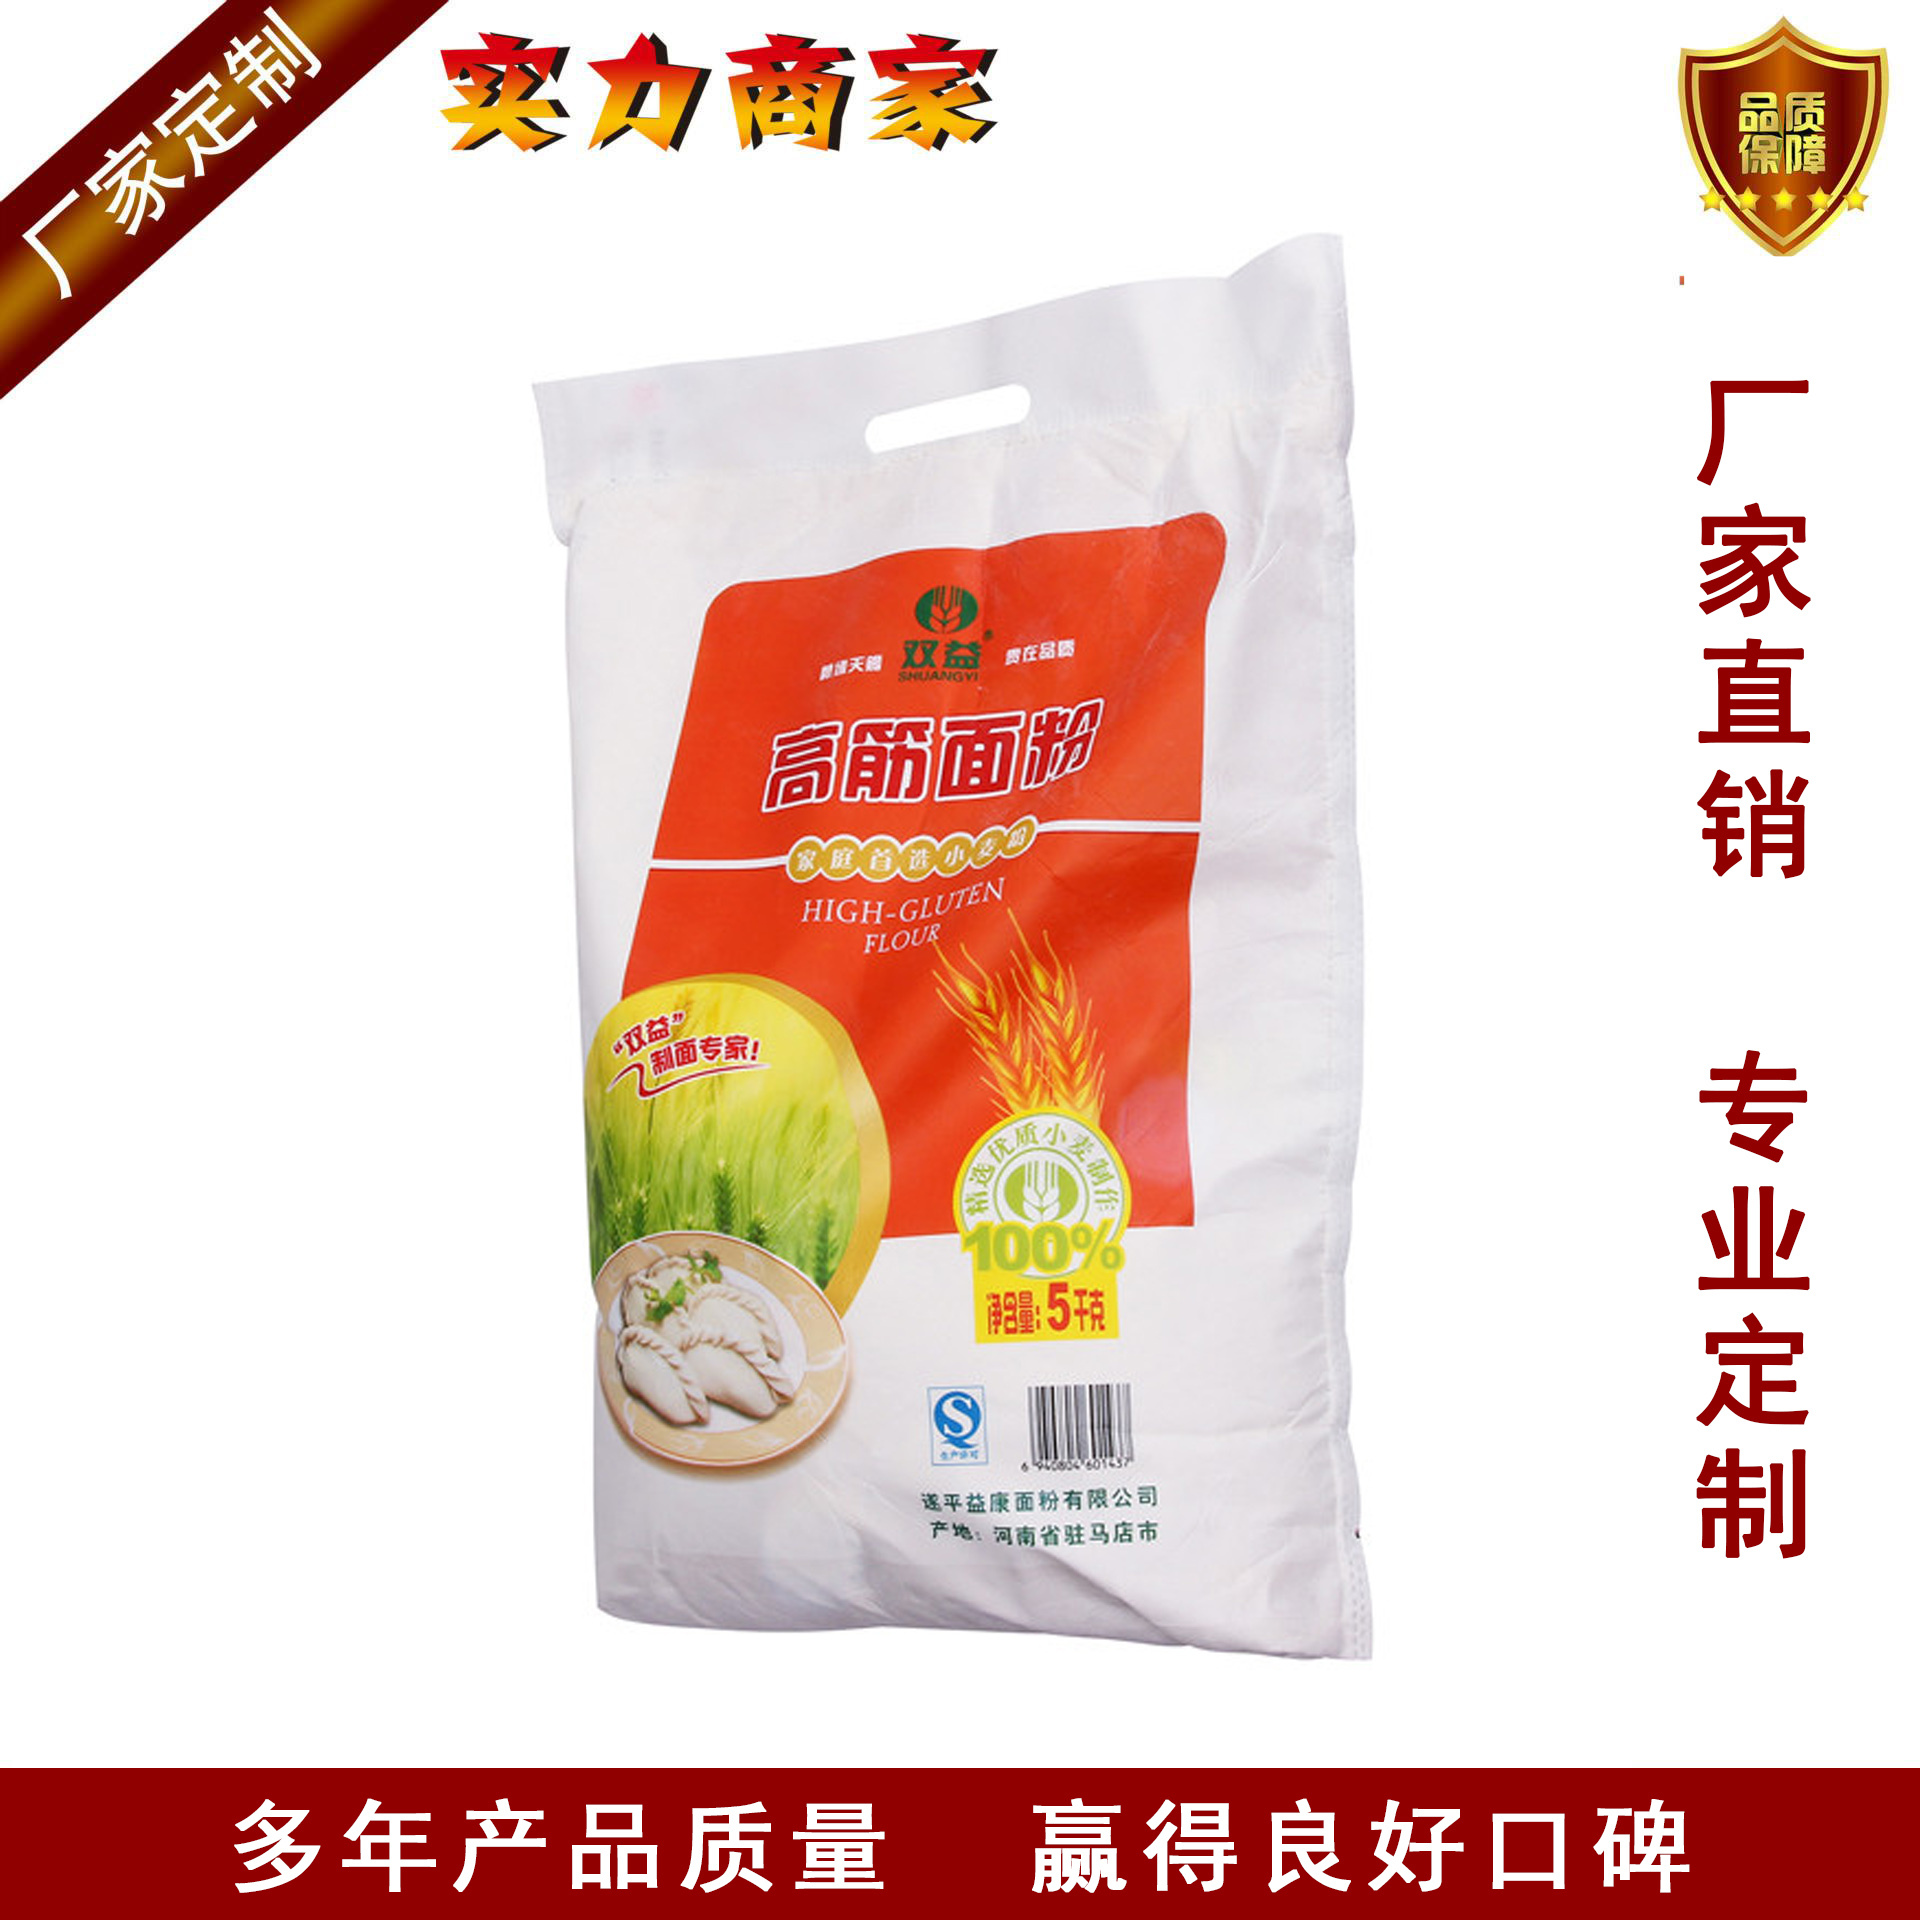 定制生产面粉袋厂 批发面粉包装袋  面袋生产厂家报价